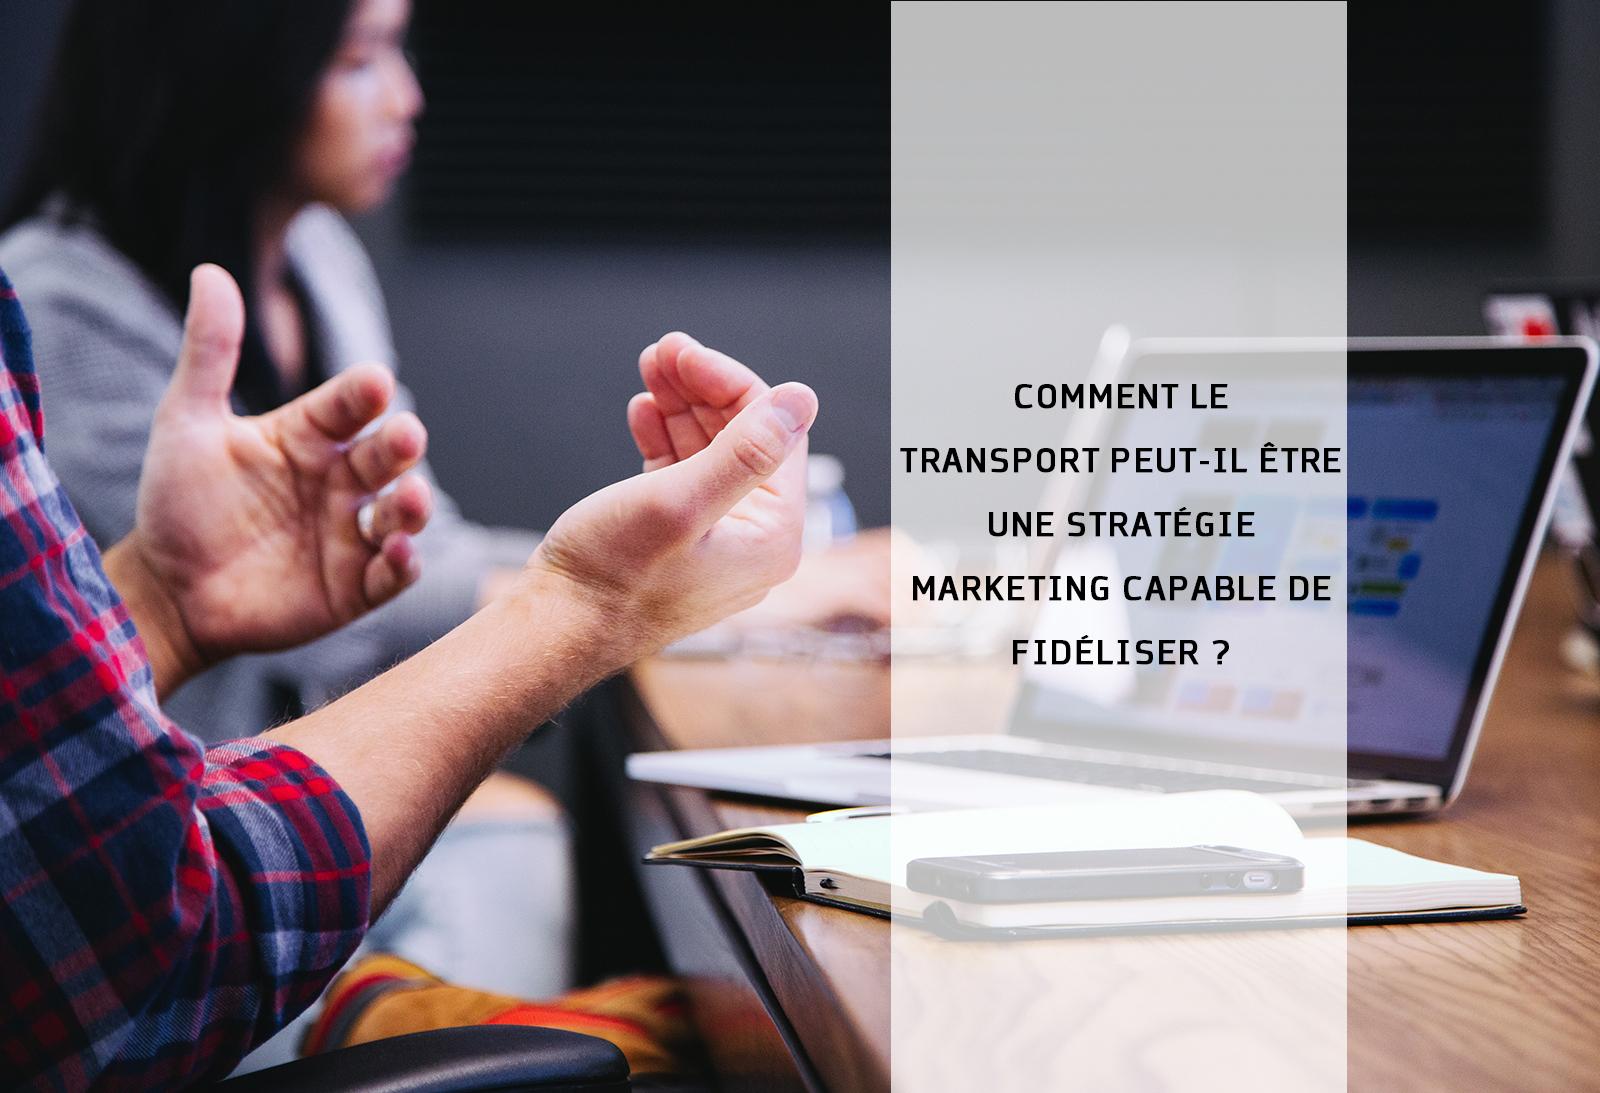 Comment Le Transport Peut Il Être Une Stratégie Marketing Capable De Fidélise